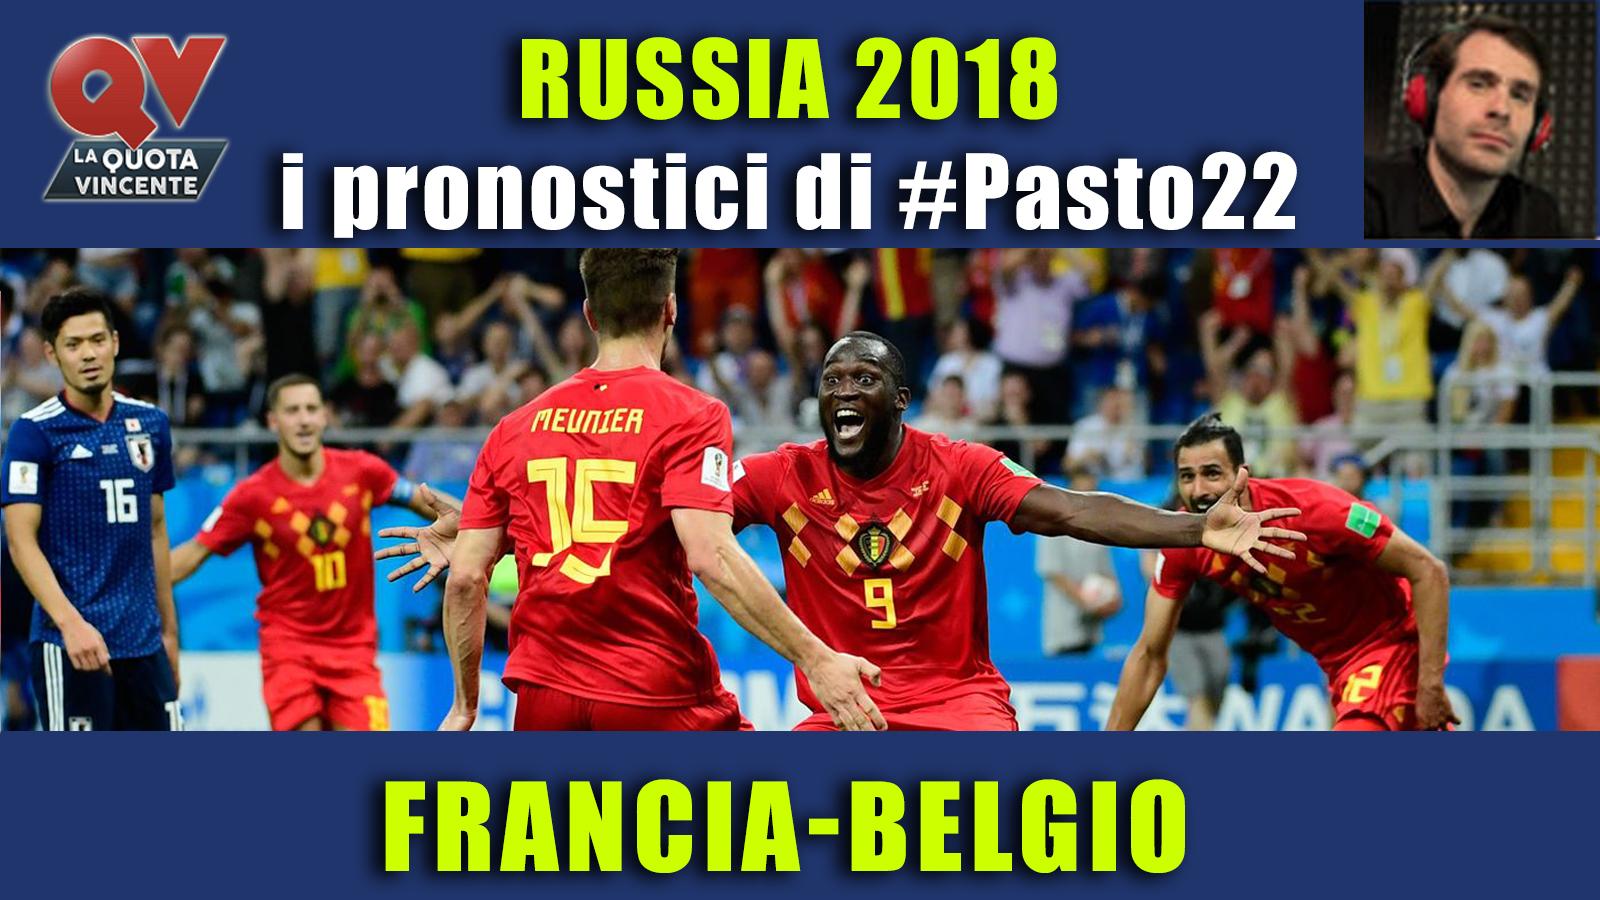 Pronostici Mondiali 10 luglio: le dritte di #Pasto22 a Russia 2018